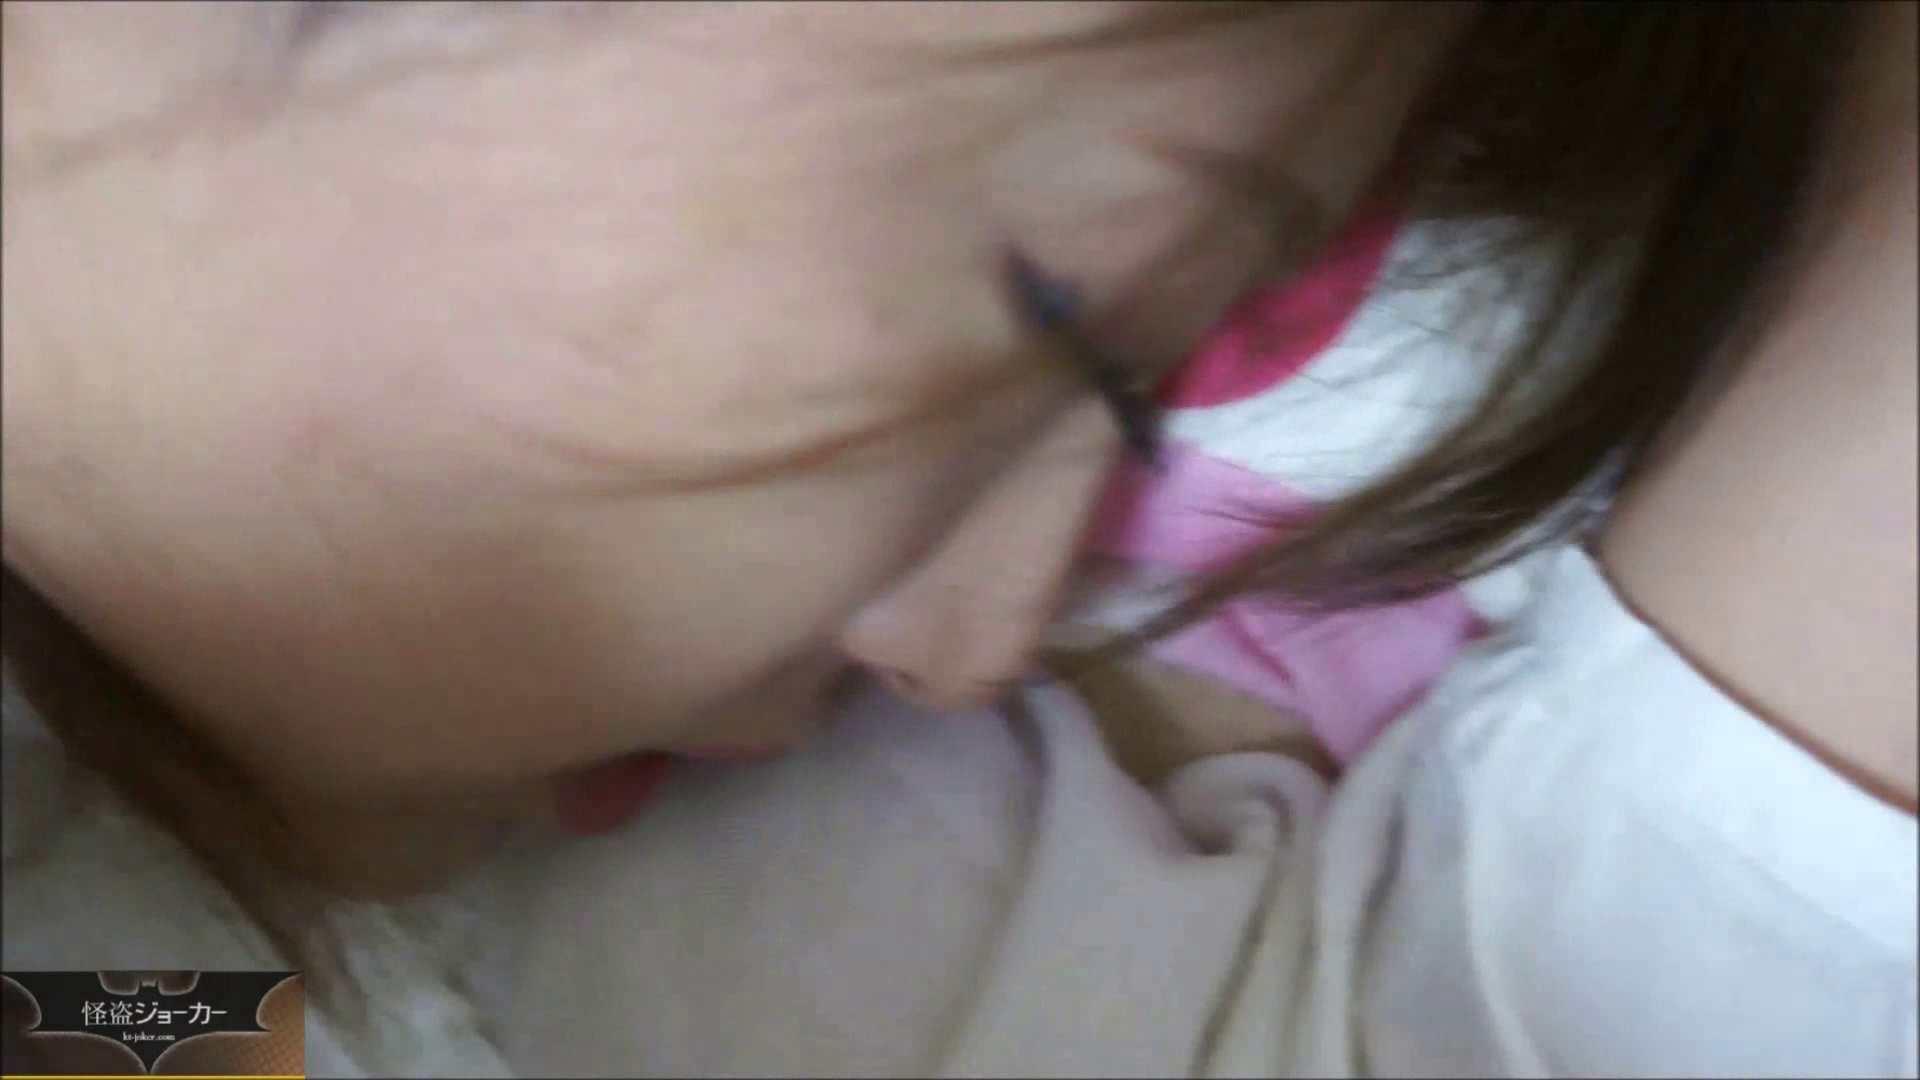 【未公開】vol.23 ユリナ、寝取られのアト。 いじくり  108枚 5